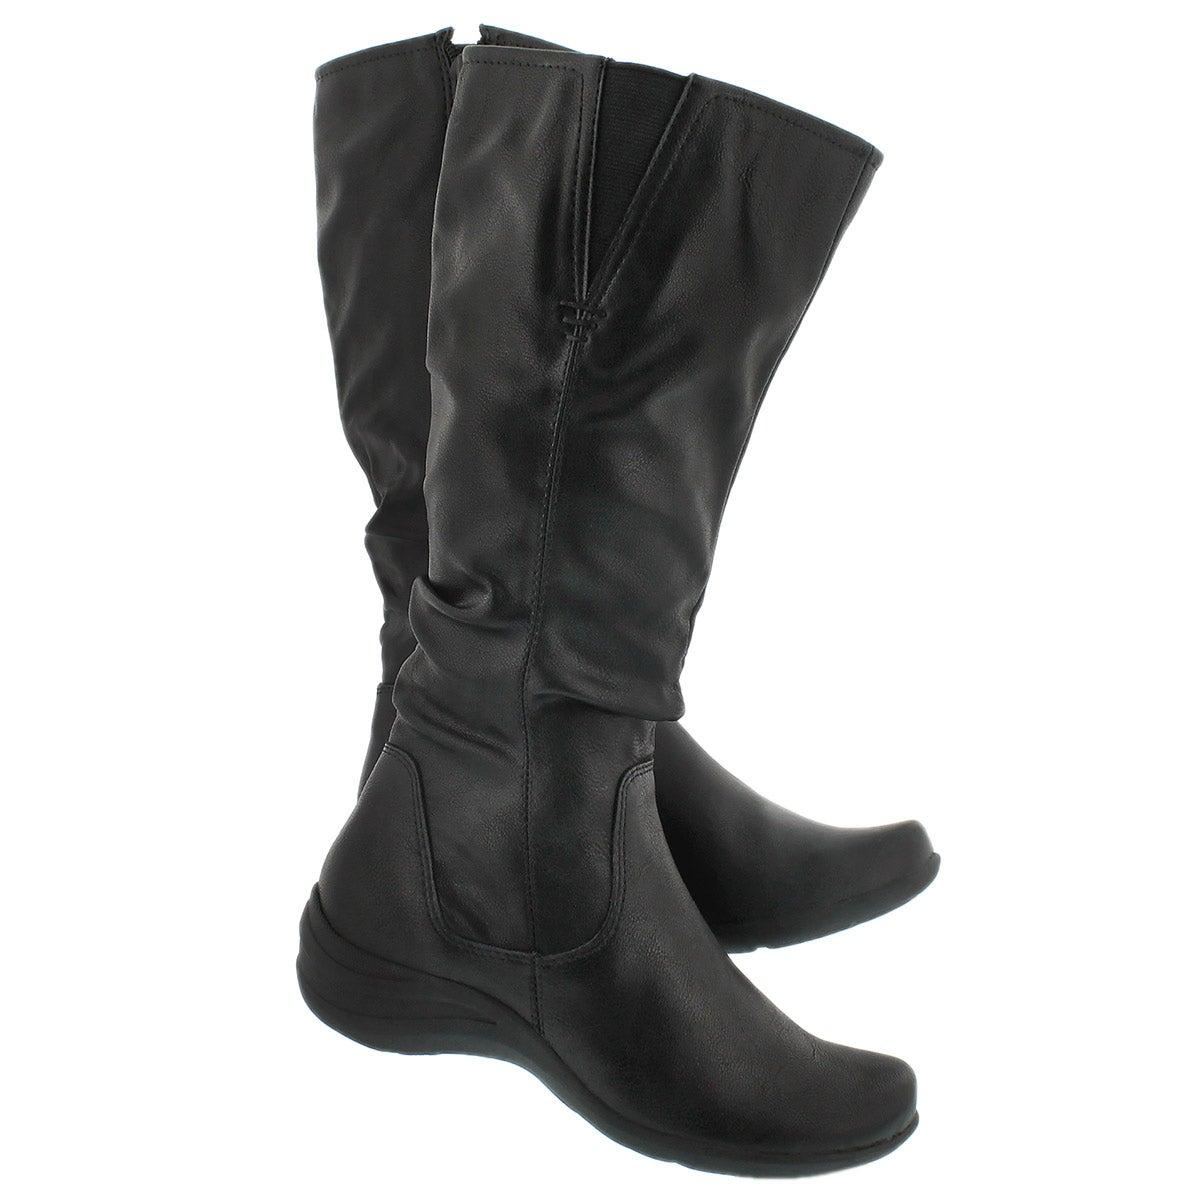 Lds Feline black high boot